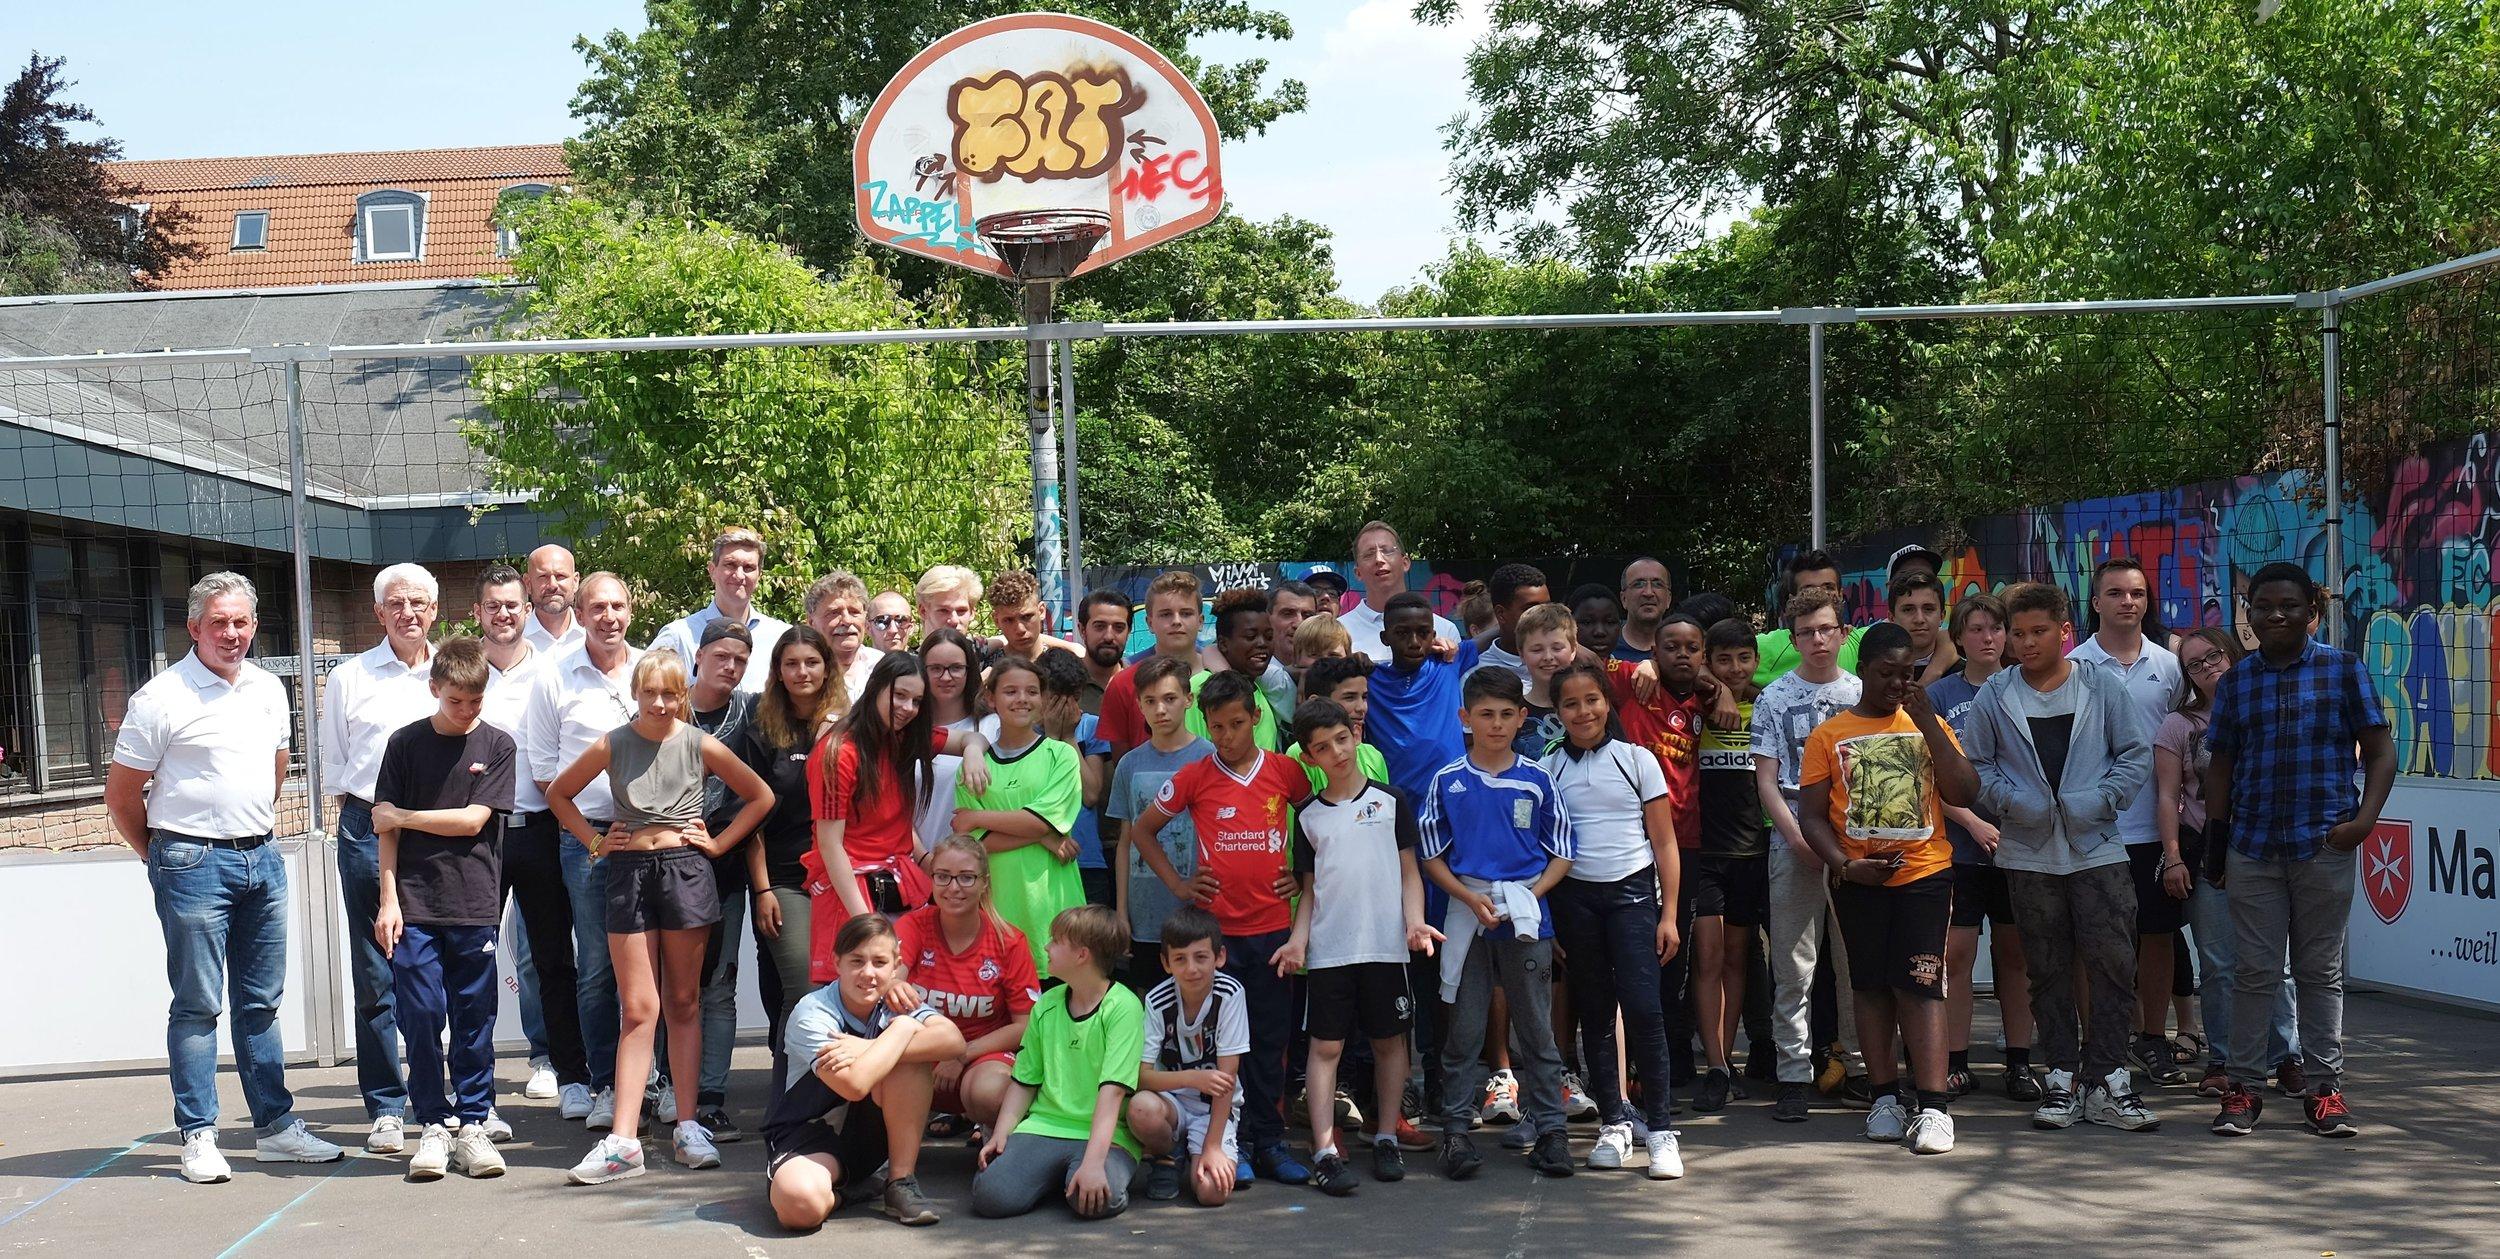 """Die Repräsentanten der """"Kölsche Fründe"""" auf dem mobilen Street Soccer Court mit den jungen Kickern und Vertretern der OT Lucky's Haus und des SKM in Köln-Bilderstöckchen."""